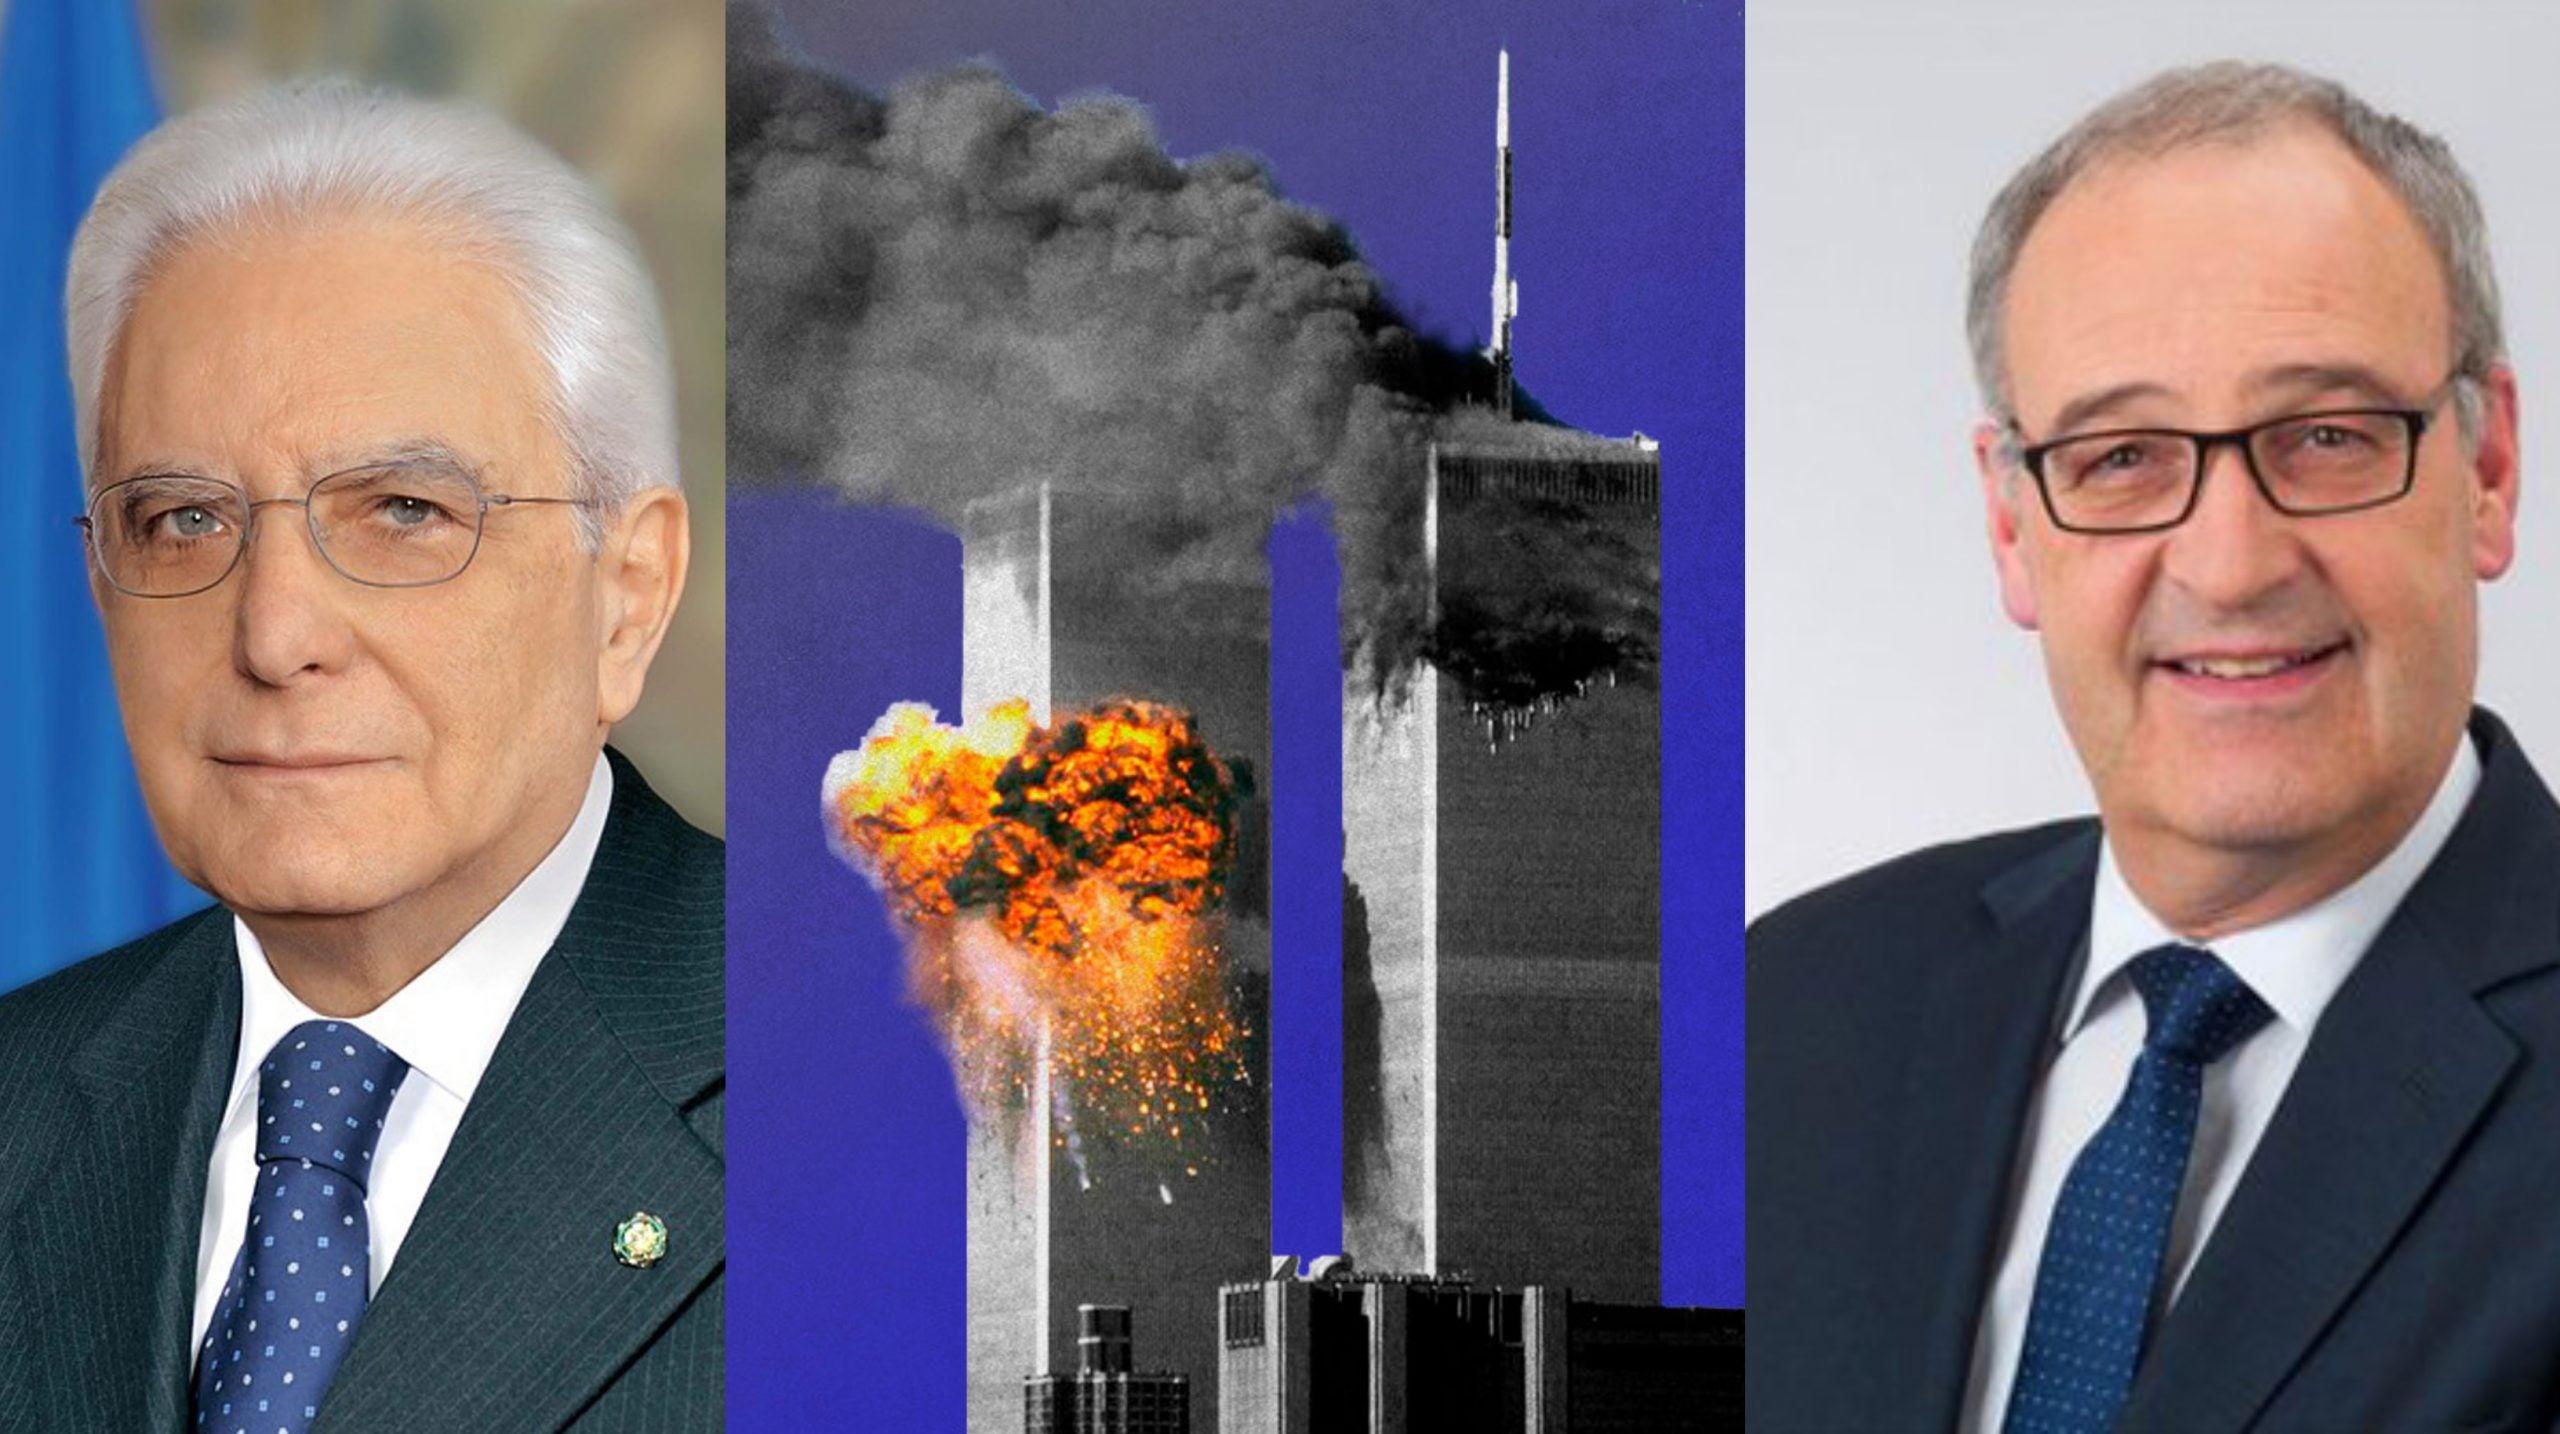 Los presidentes Sergio Matterella y Guy Parmelin recordaron los hechos y condenaron los ataques terroristas.